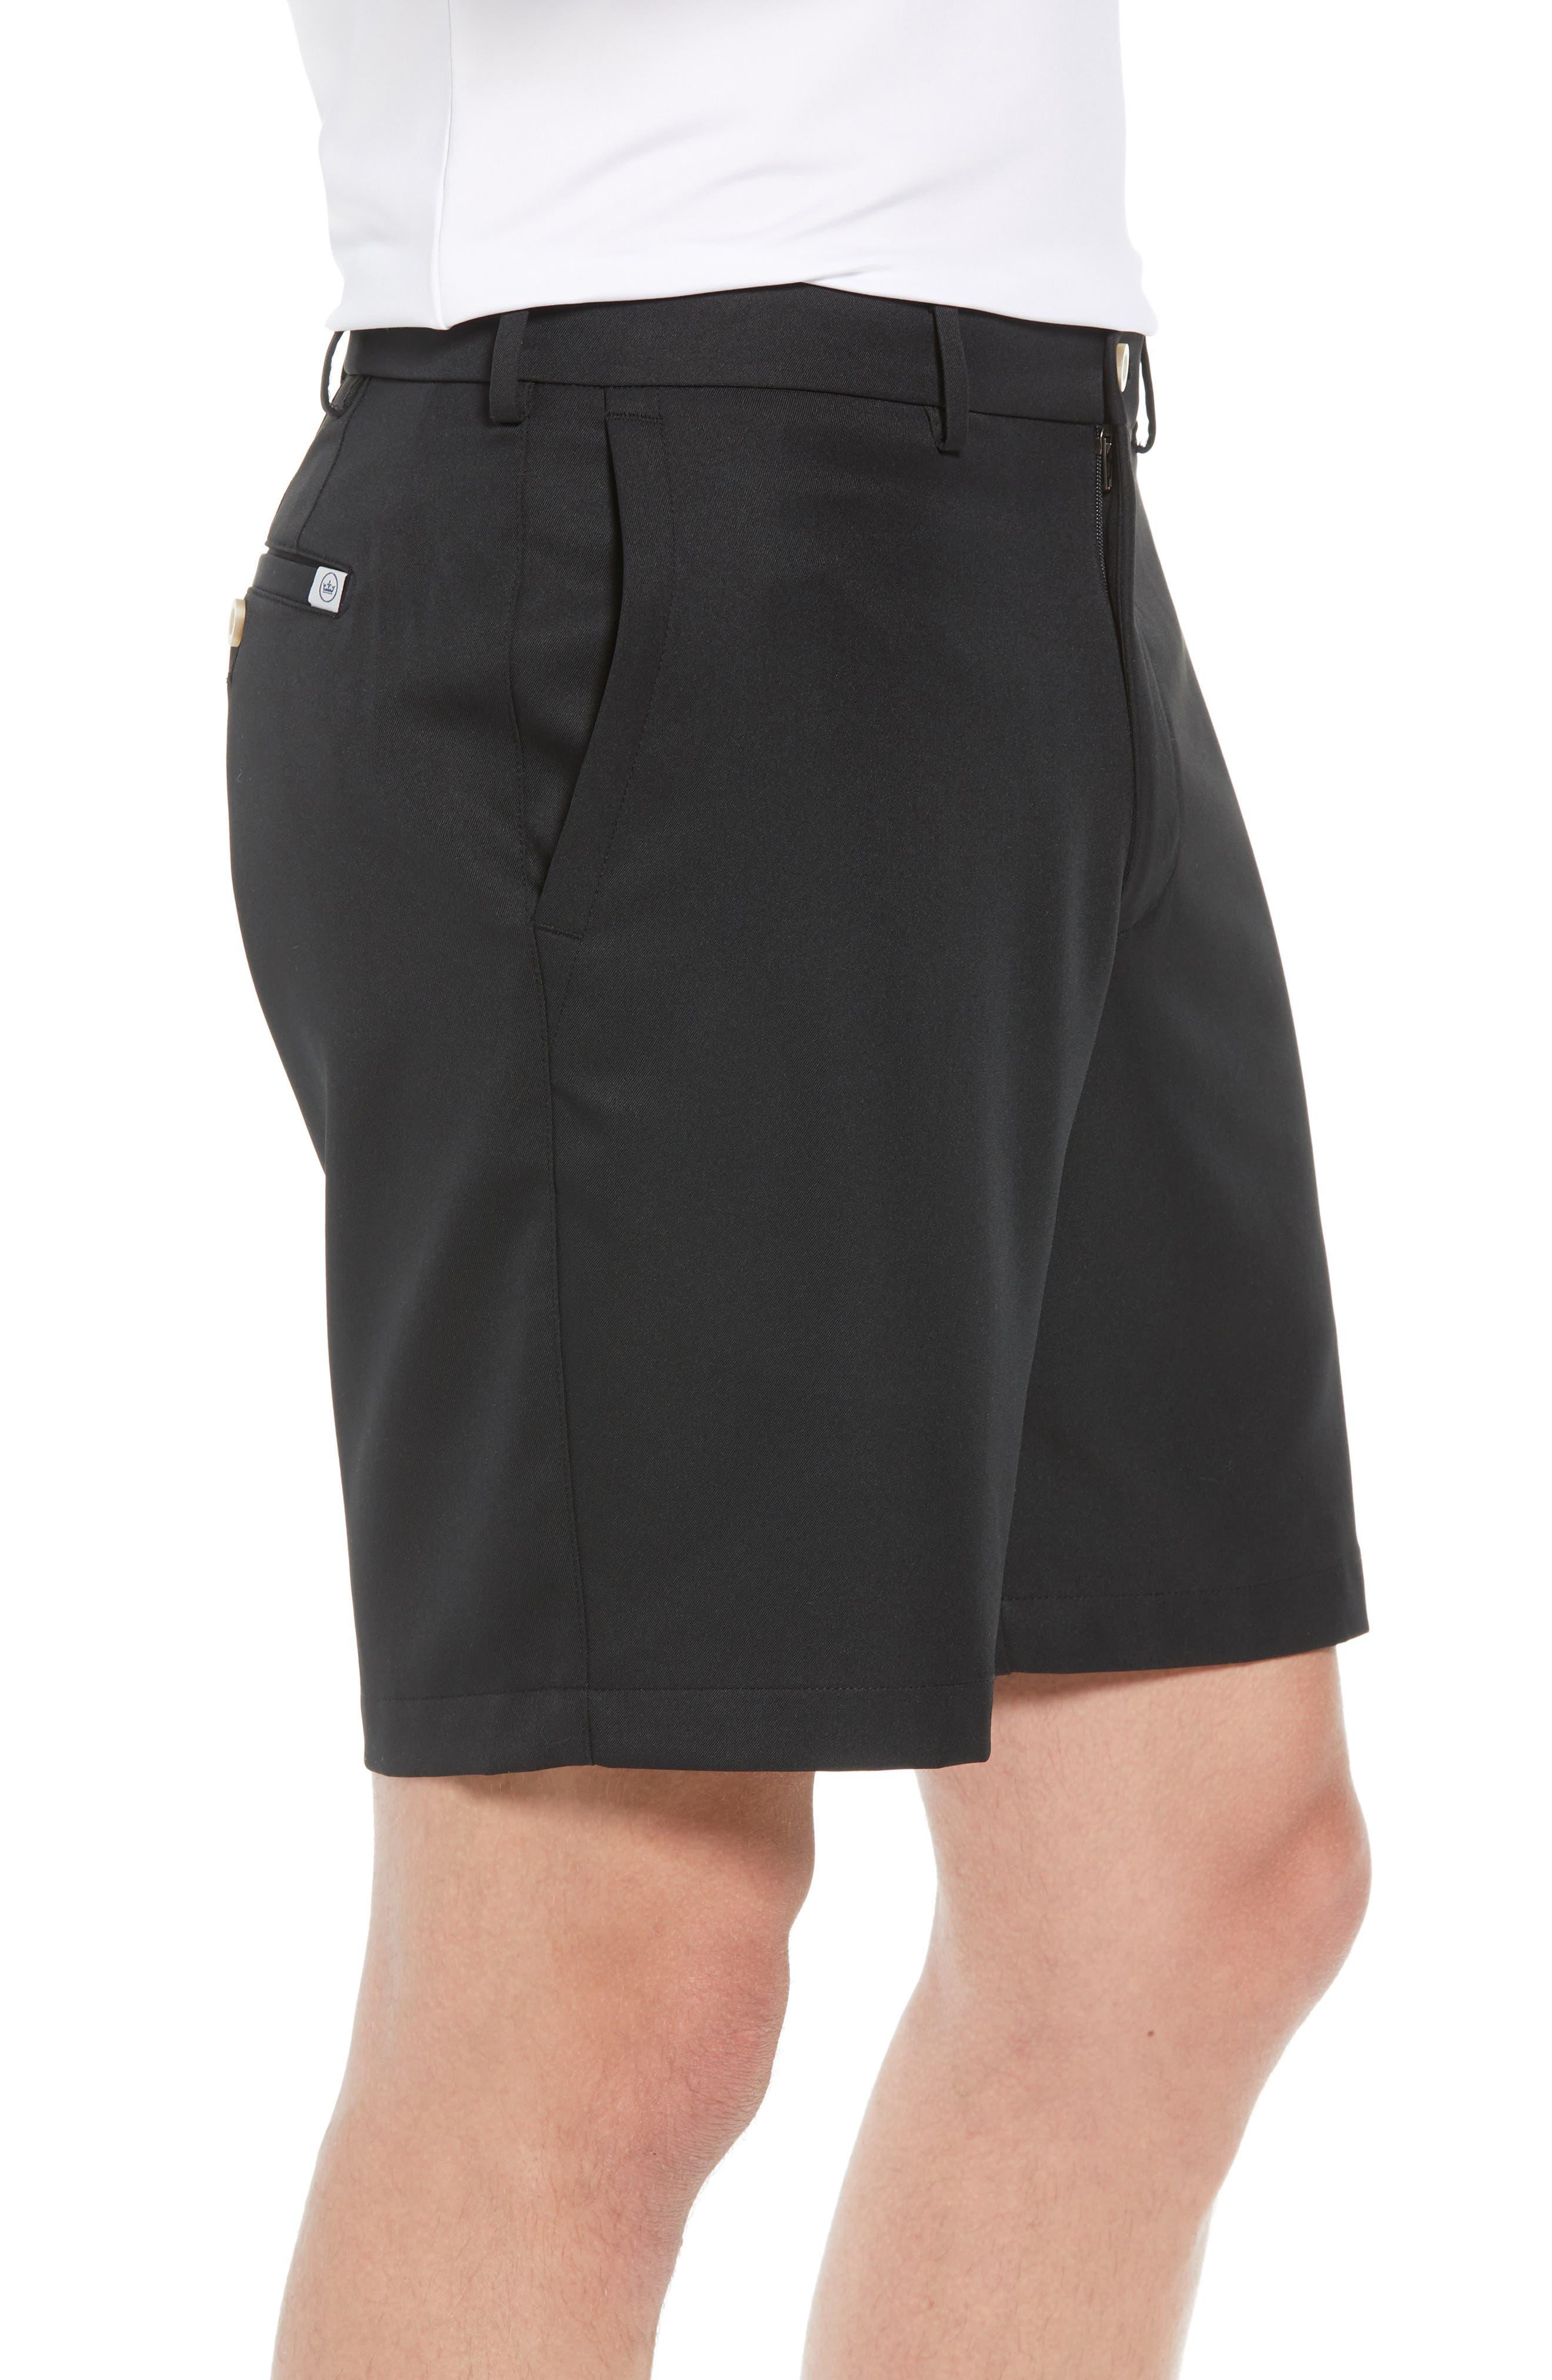 Salem High Drape Performance Shorts,                             Alternate thumbnail 3, color,                             BLACK